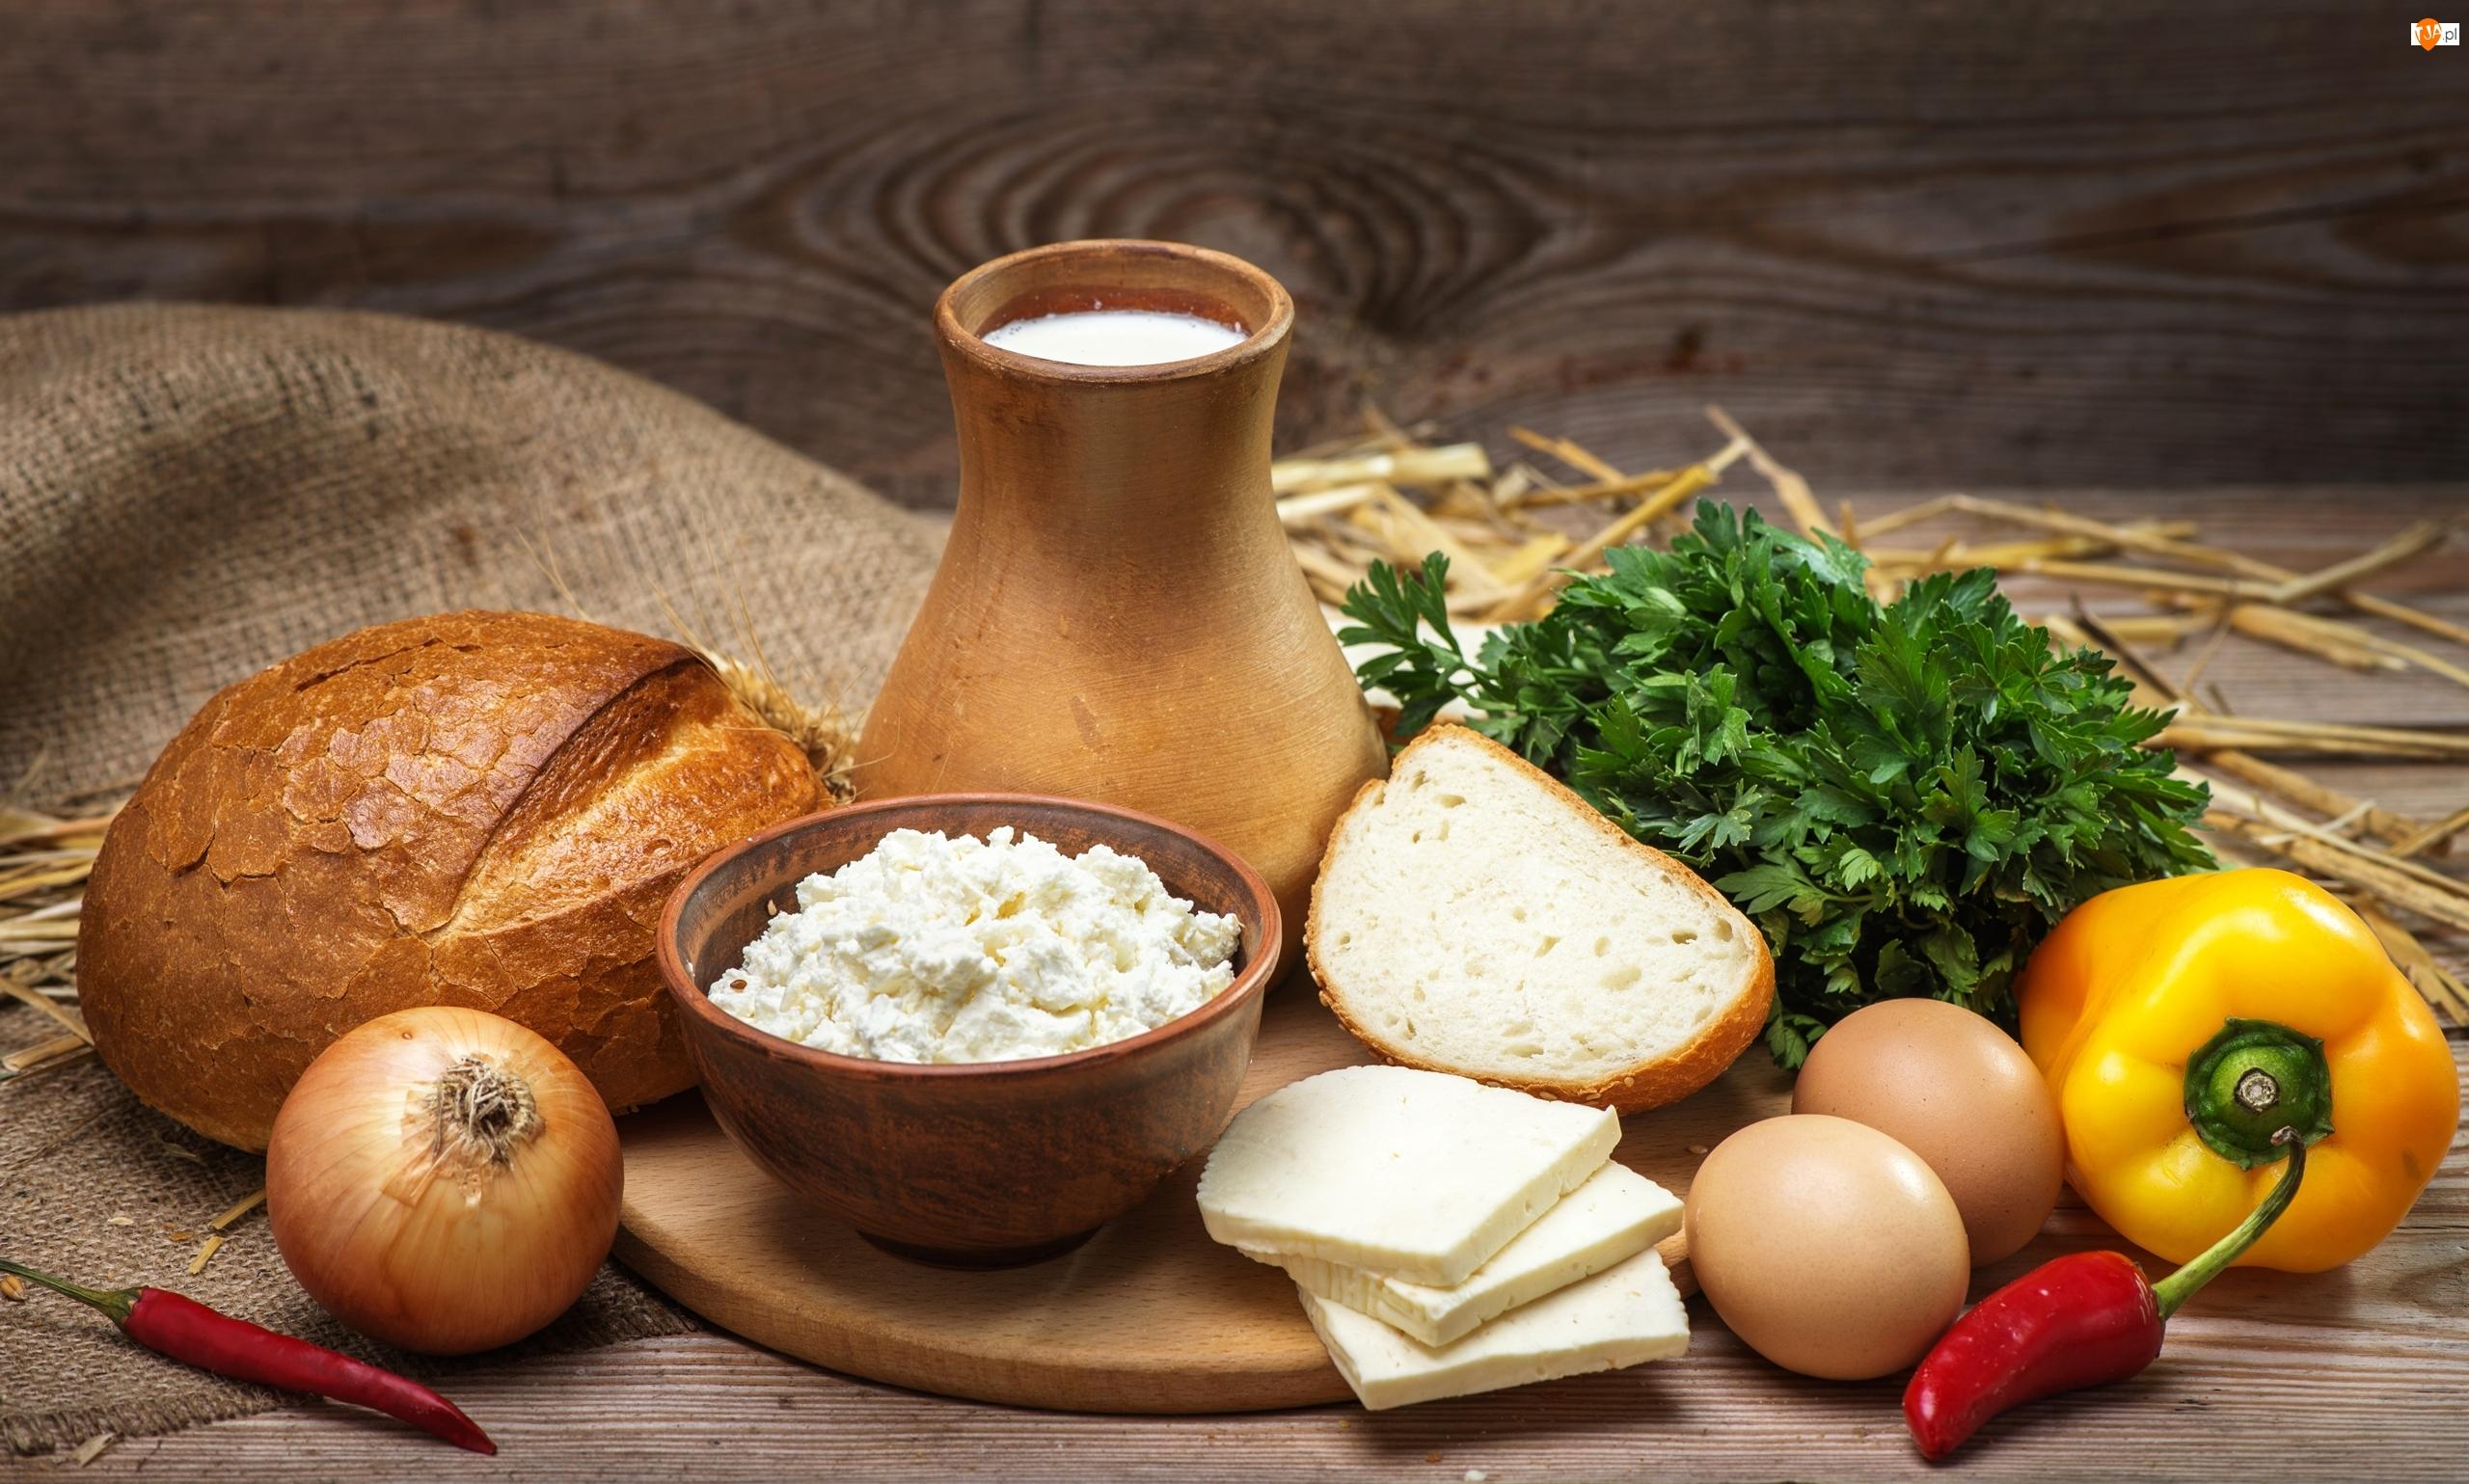 Jajka, Ser, Pietruszka, Jedzenie, Mleko, Kompozycja, Papryka, Chleb, Cebula